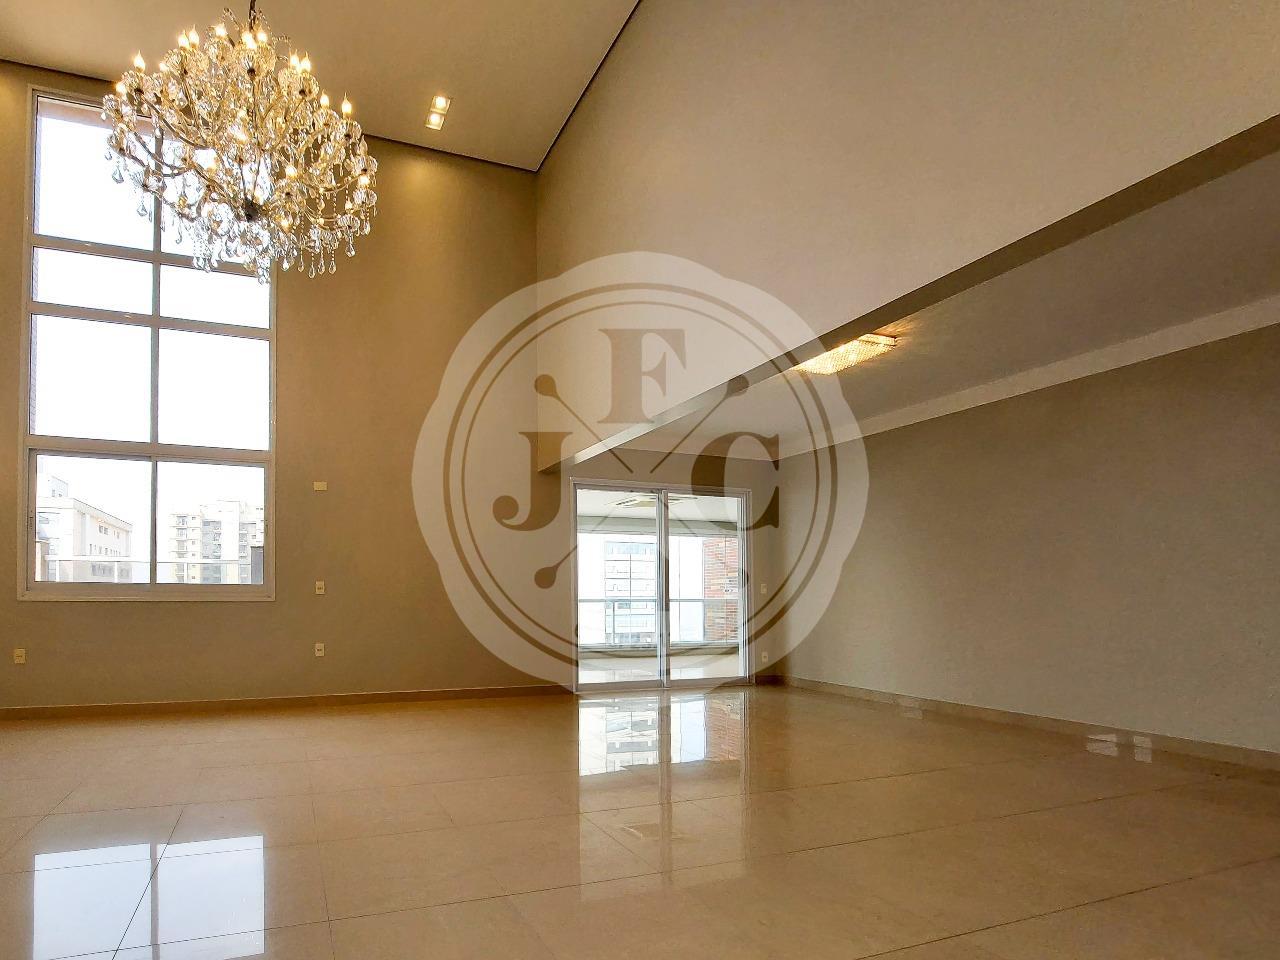 Exclusivo apartamento duplex à venda com 4 suítes no desejado bairro Mirante do Ipê.